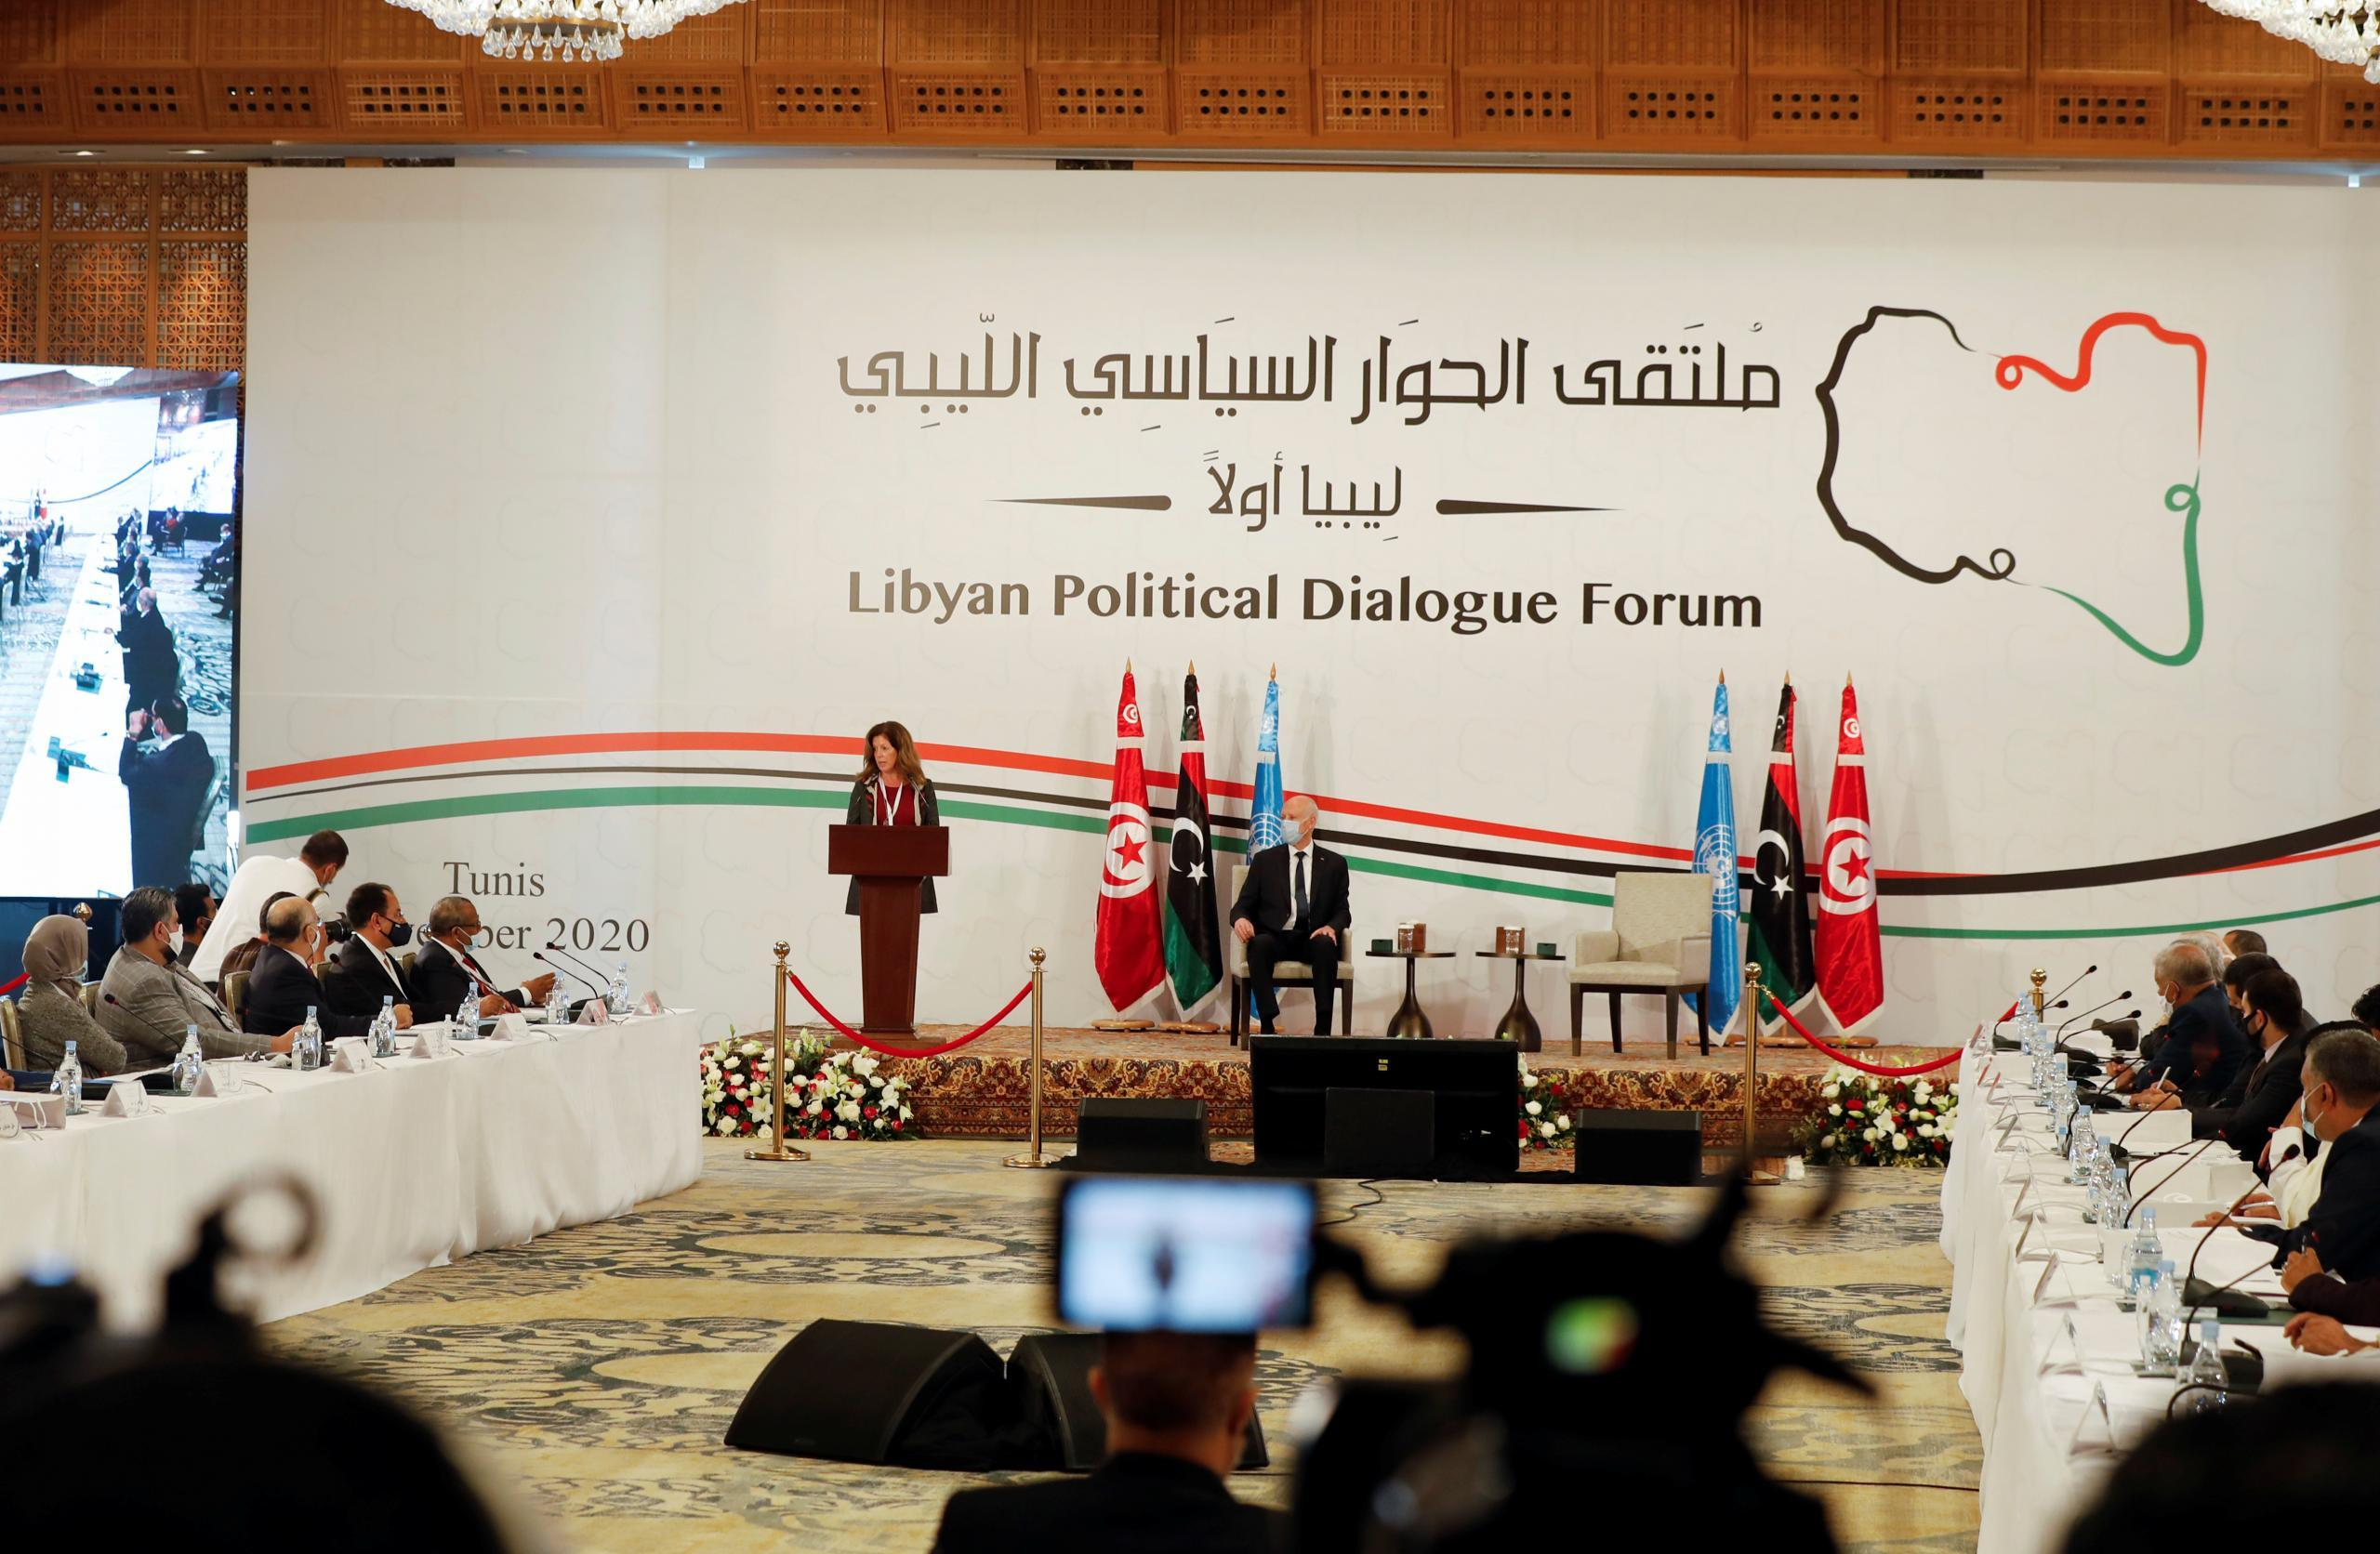 إيطاليا: يجب حماية مخرجات الحوار الليبي من التدخلات